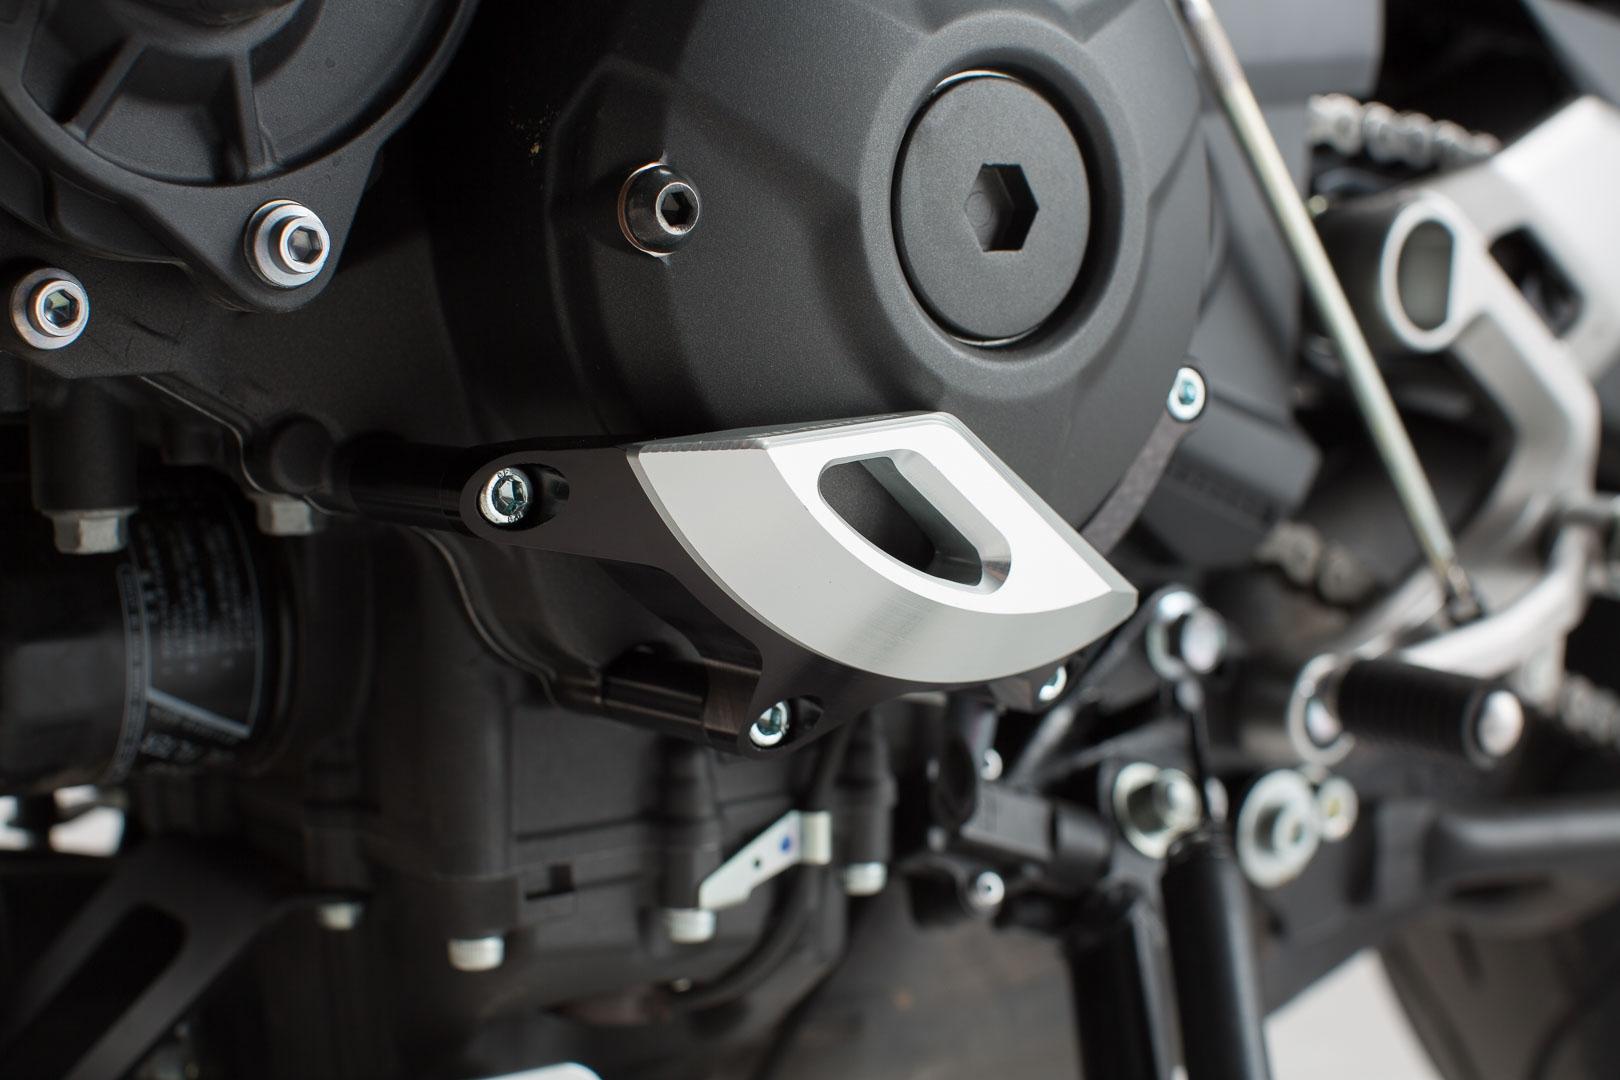 Mss 06 599 10100 Motorgeh Usedeckel Schutz Schwarz Silbern XSR900 16 MT 09 Tracer 14